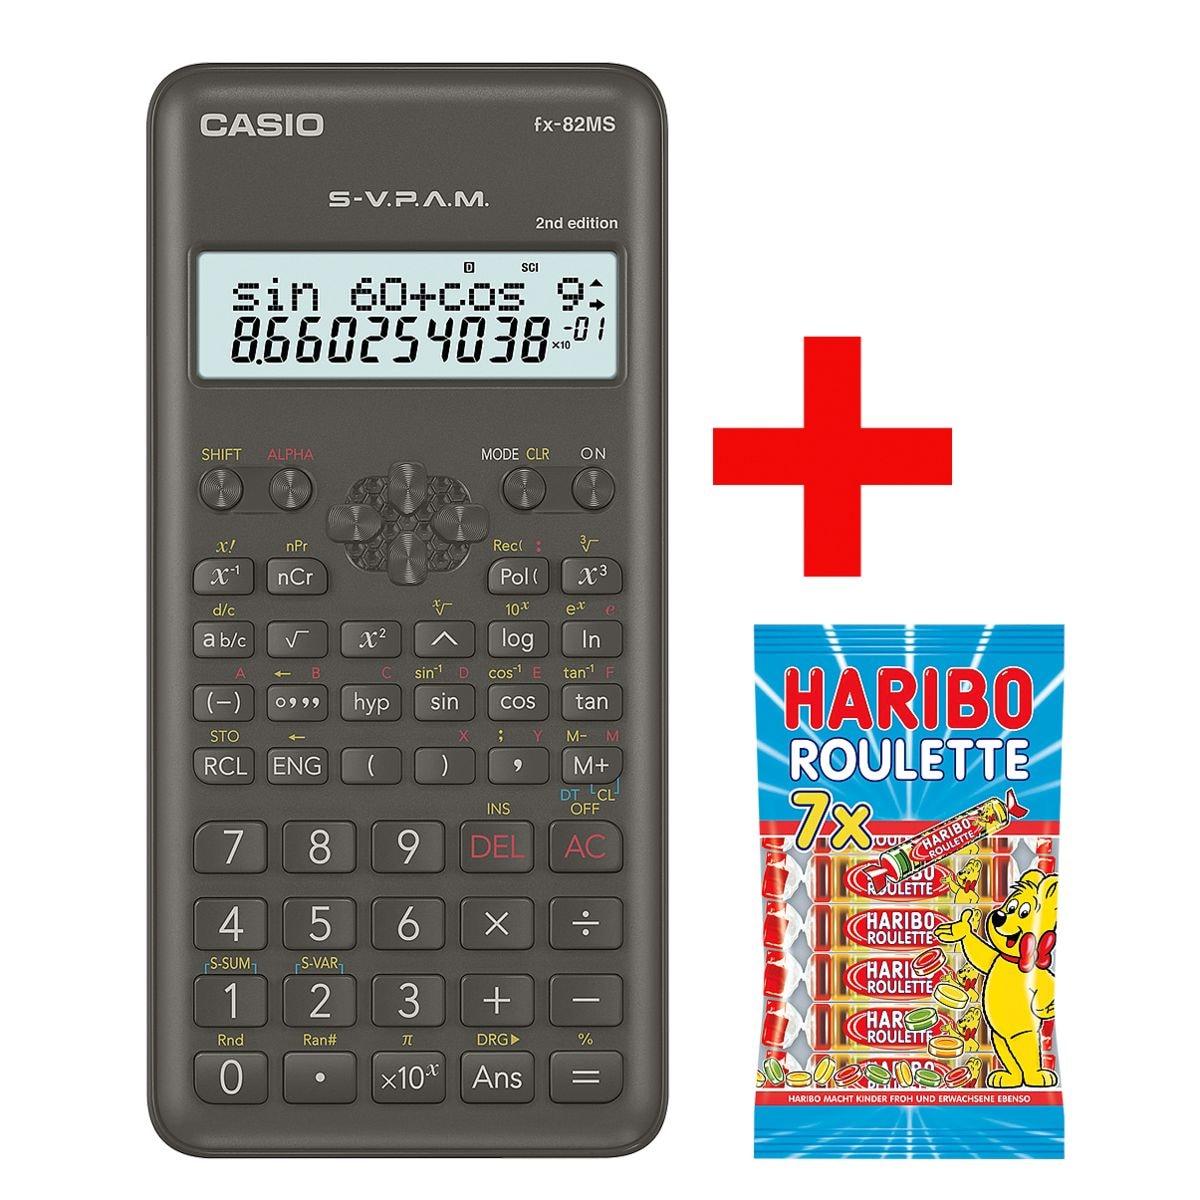 CASIO Taschenrecher »FX-82MS« inkl. Fruchtgummi »Roulette« 7 x 25g